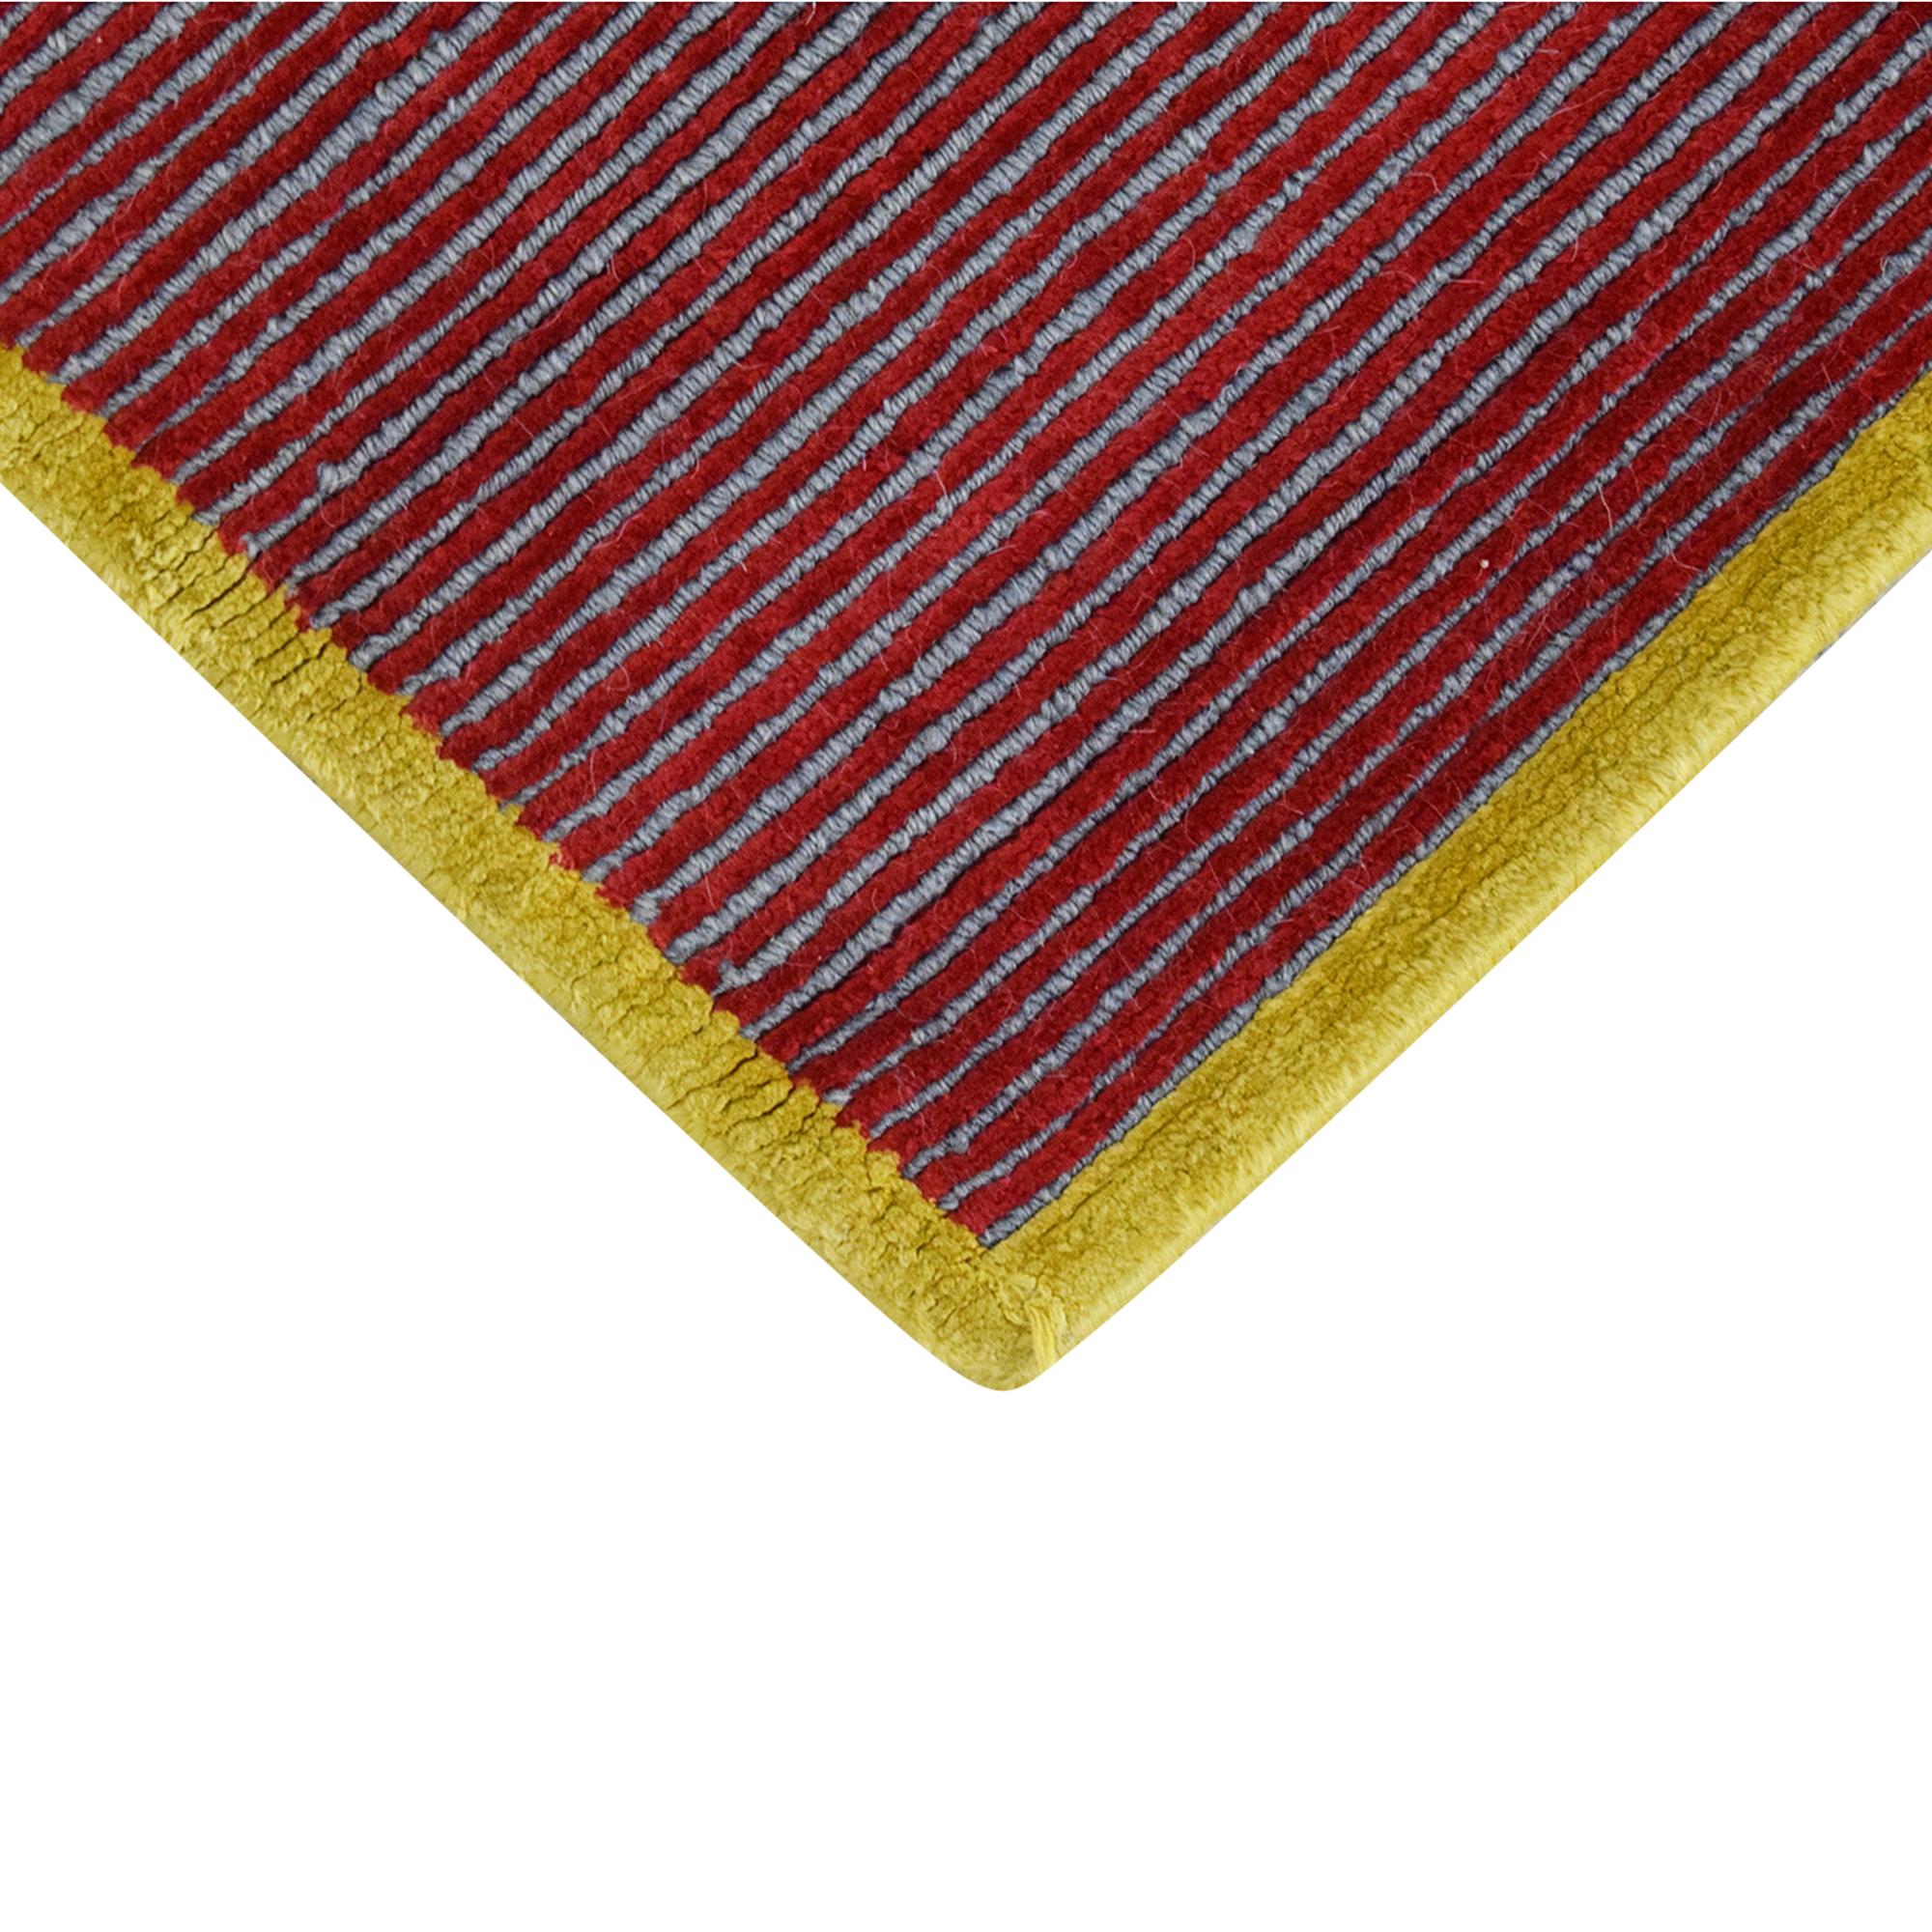 ABC Carpet & Home ABC Carpet & Home Custom Area Rug